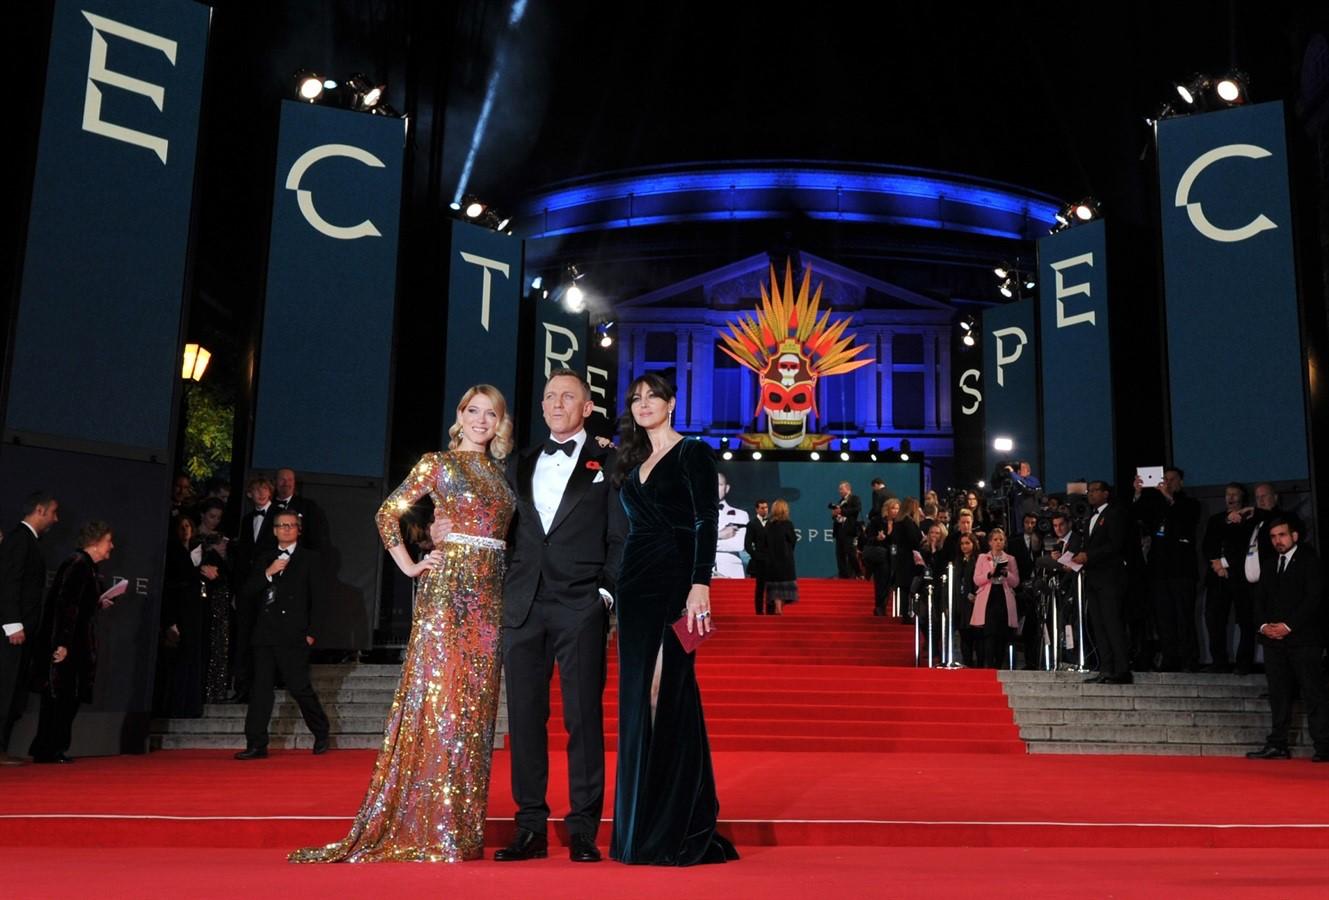 Anteprima Spectre  007 Monica Bellucci e Daniel Craig